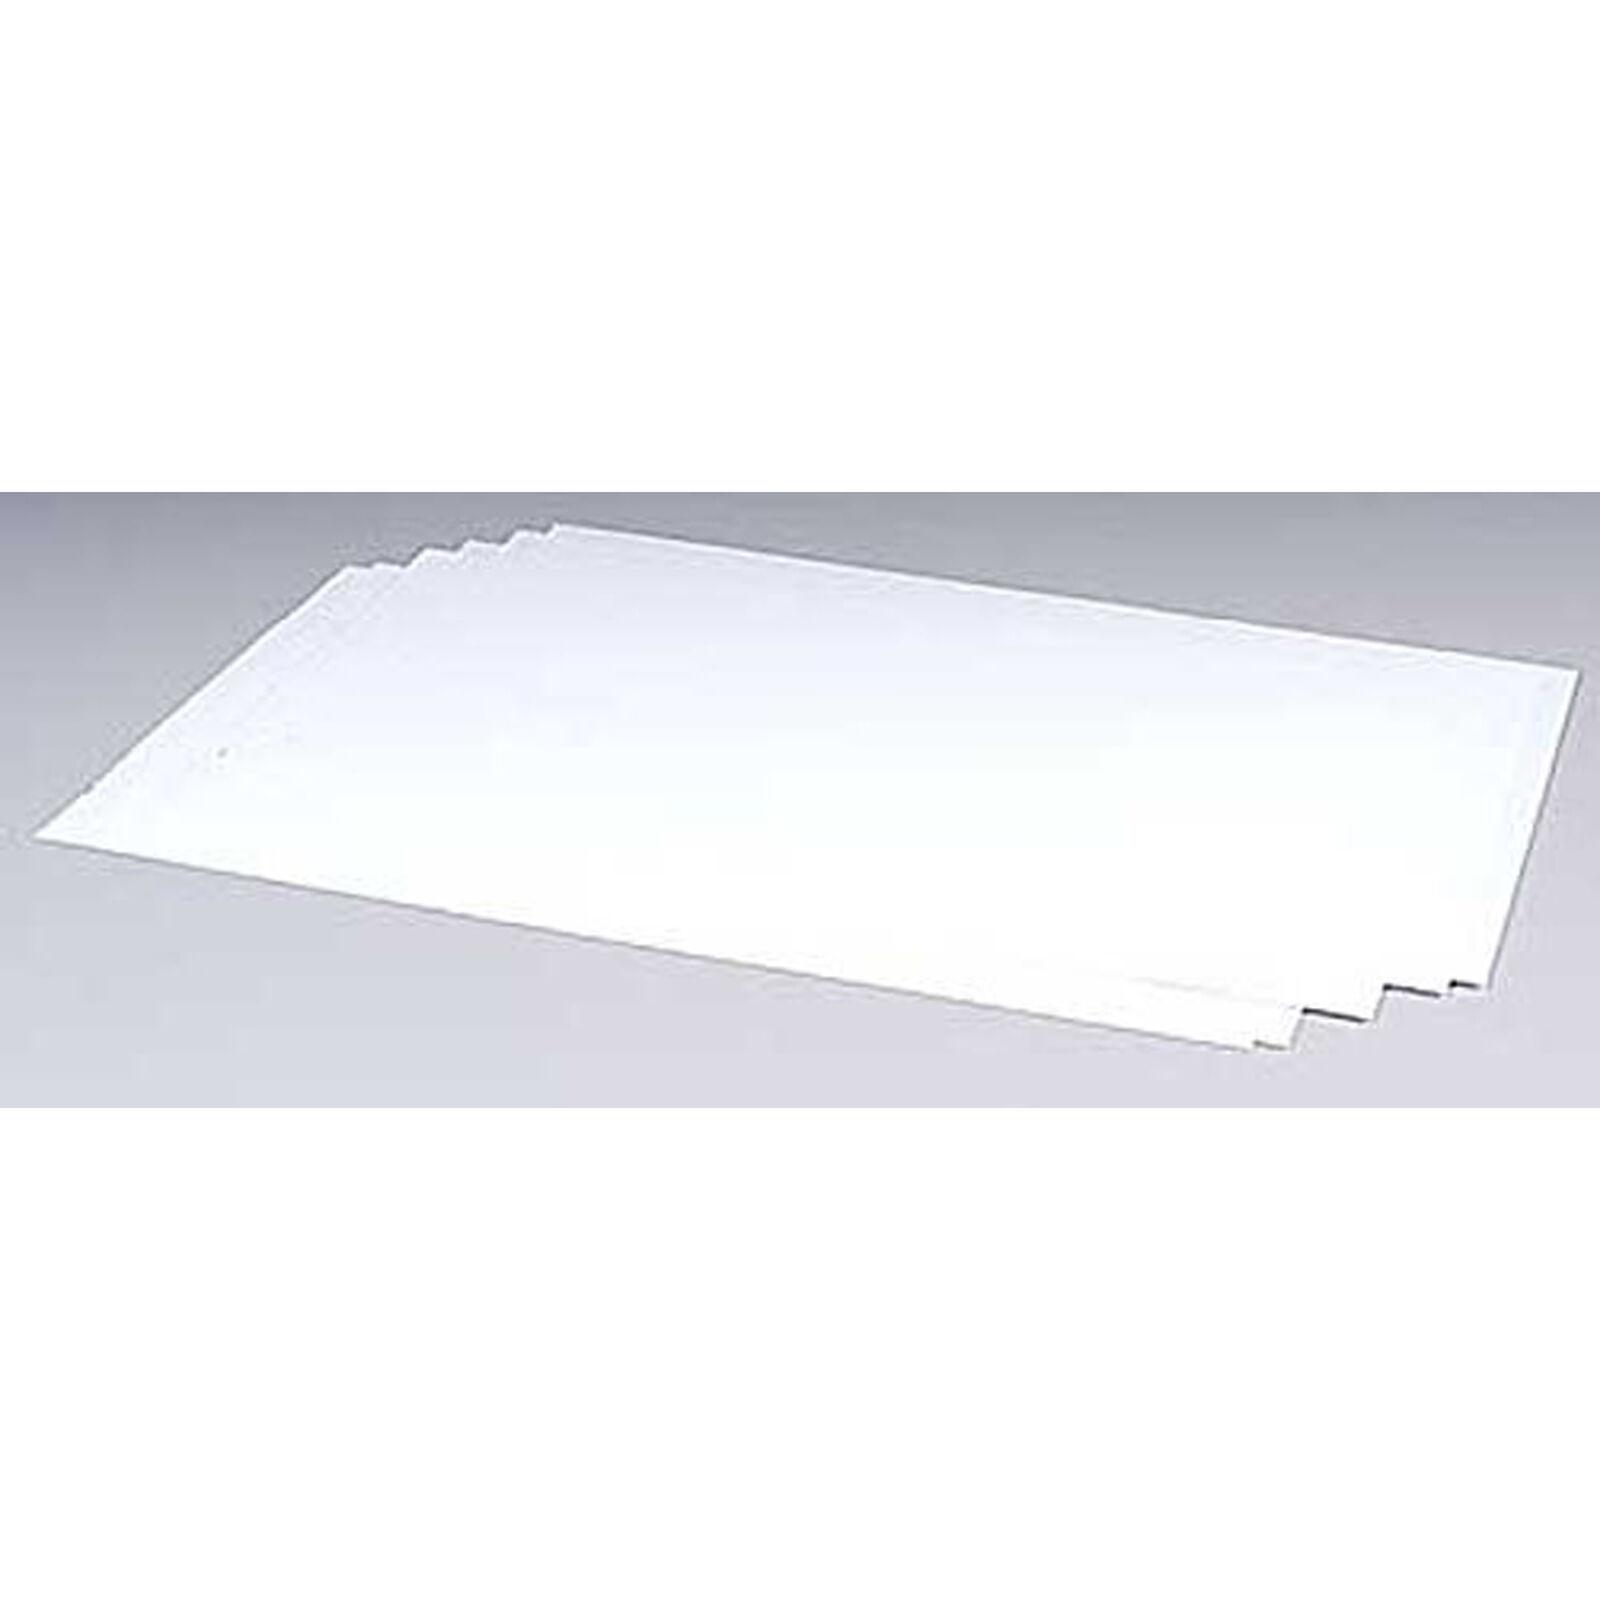 SSS-101 White Styrene,.010 (8)